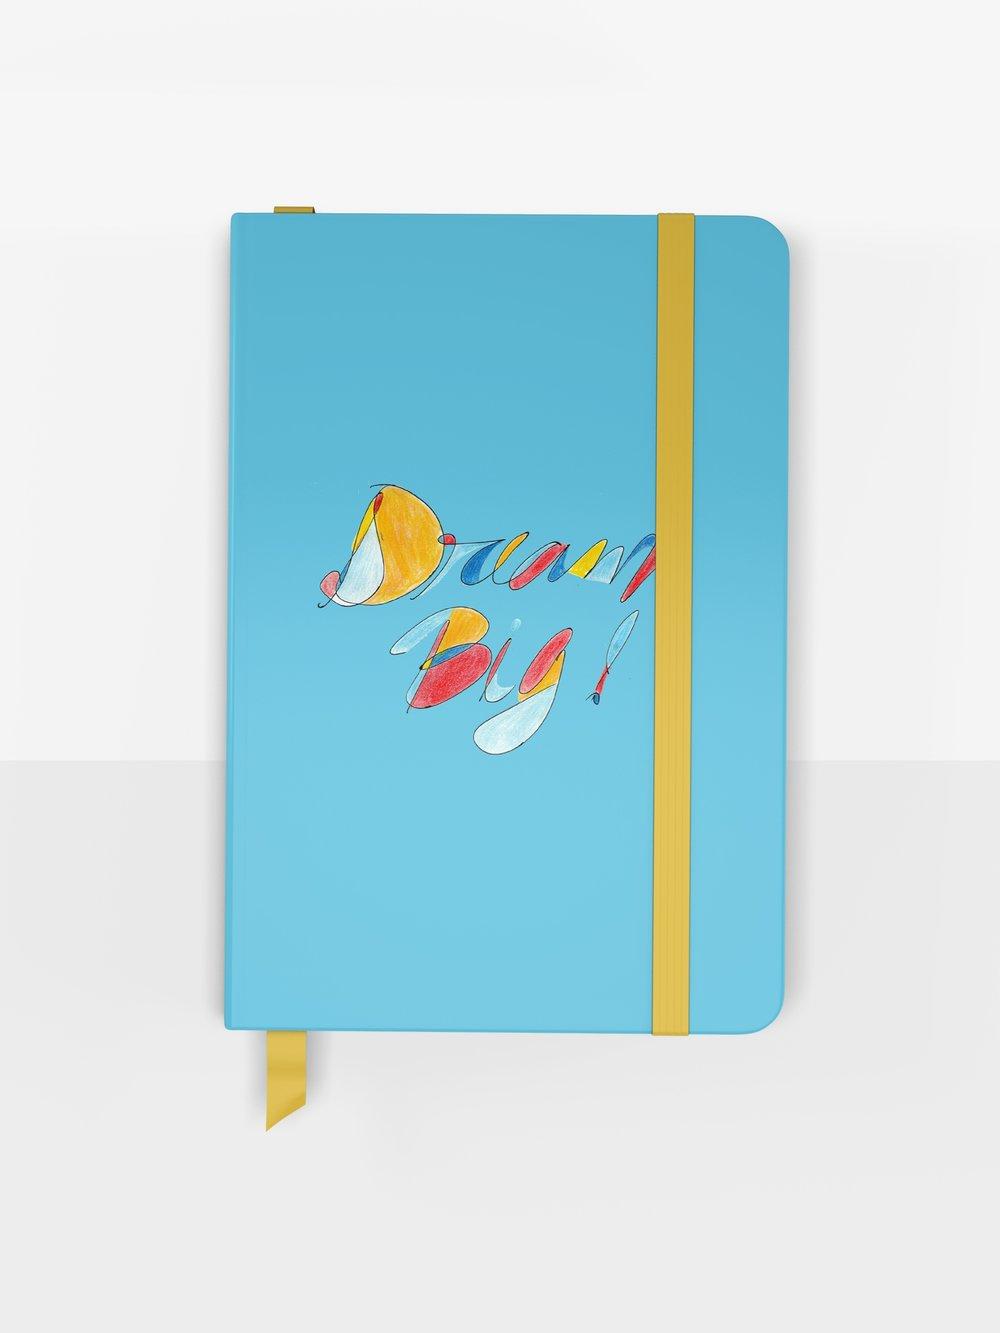 DREAM BIG - Diseñado por ChePiú.PRECIO: S/. 75.00 SOLESPrecio Regular: S/. 120.00 Soles